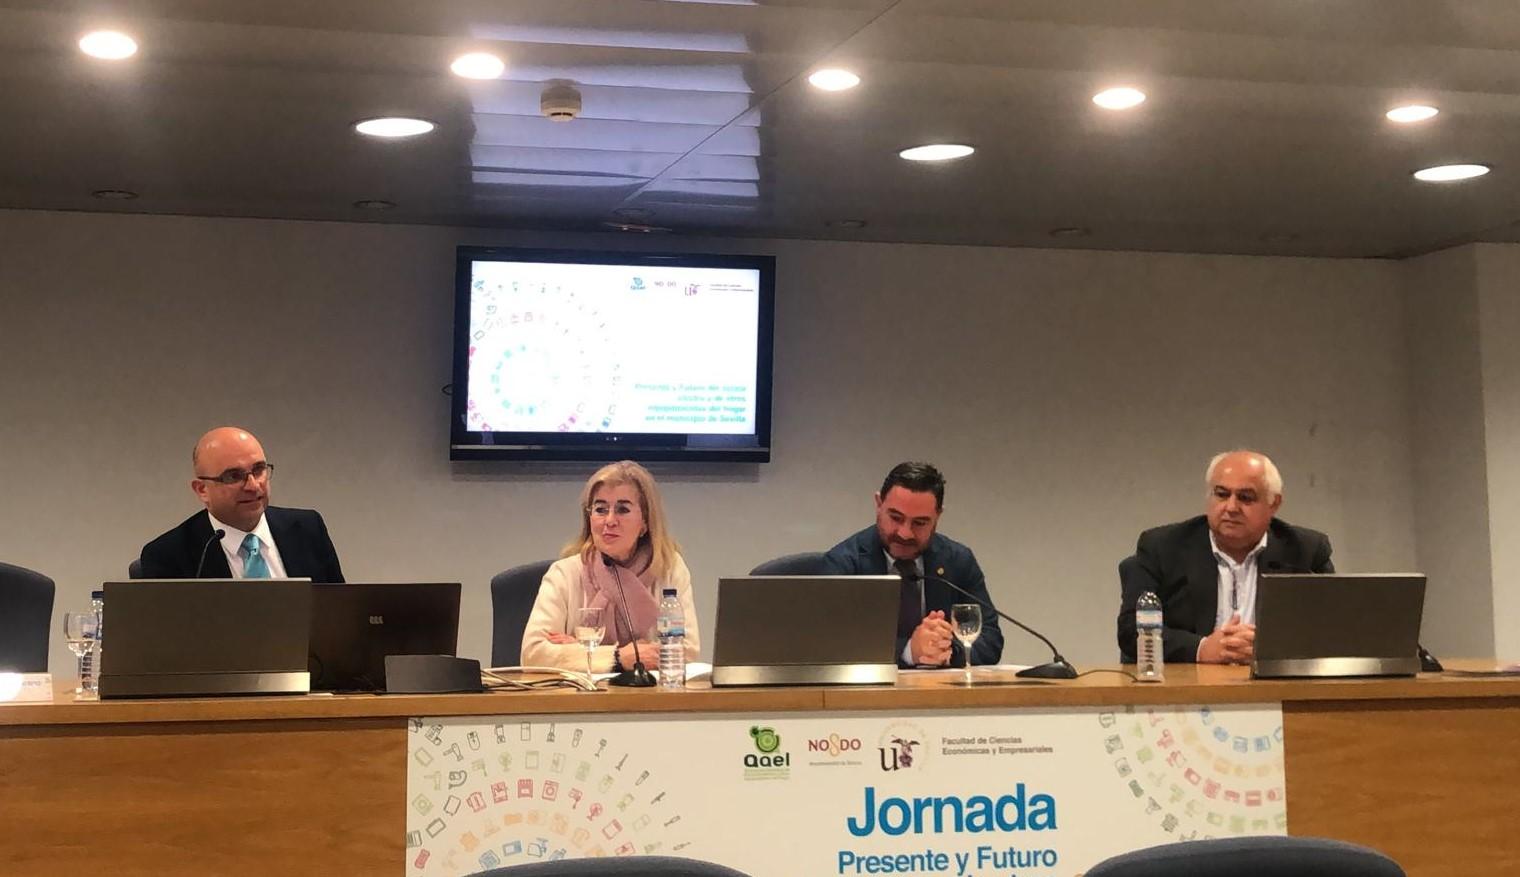 AAEL y el Ayuntamiento de Sevilla celebraron el 19 de noviembre de 2019 la Jornada Presente y Futuro del Sector Electro de Sevilla